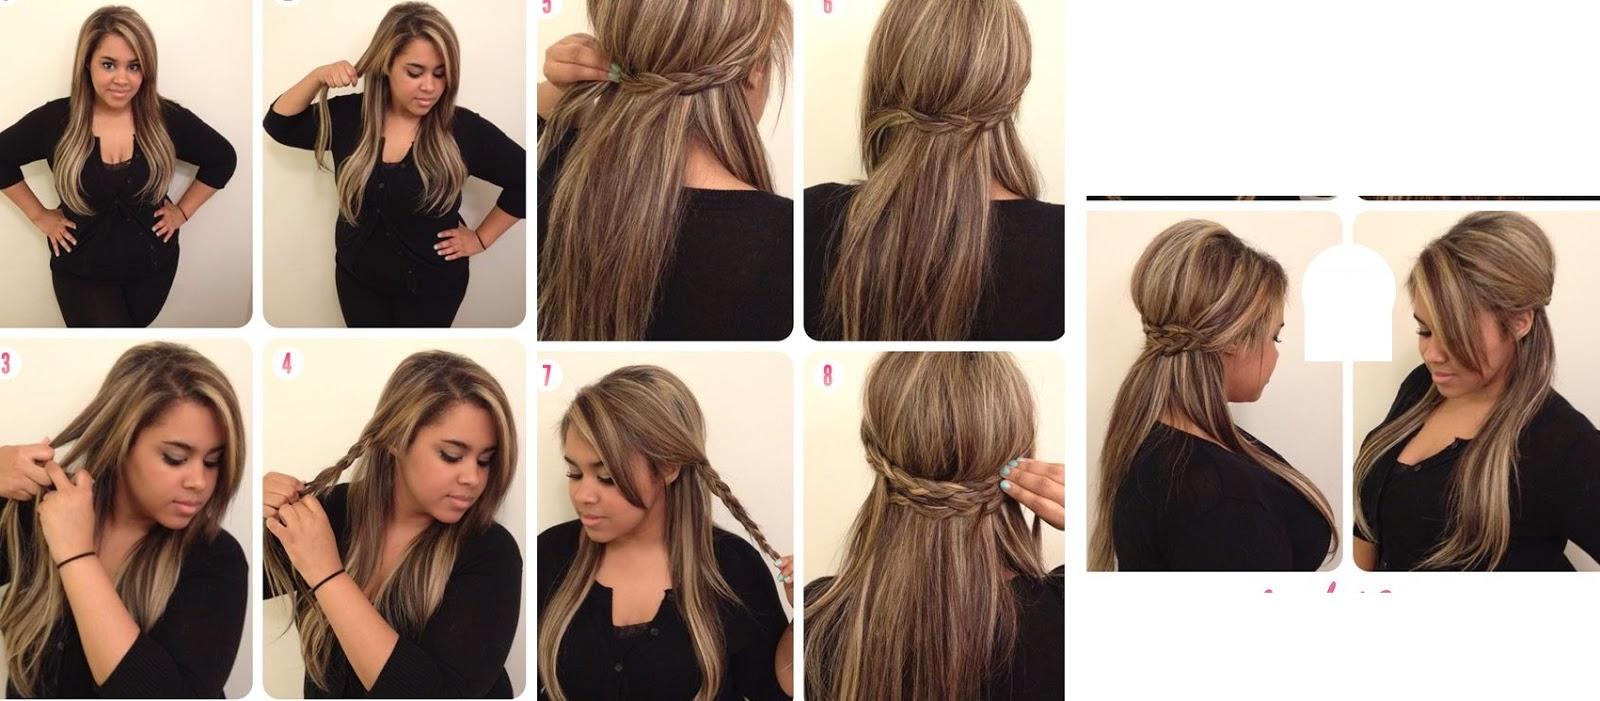 Cómo conseguir un como hacer peinados Fotos de cortes de pelo estilo - Como Hacer Peinados Casuales Paso A Paso